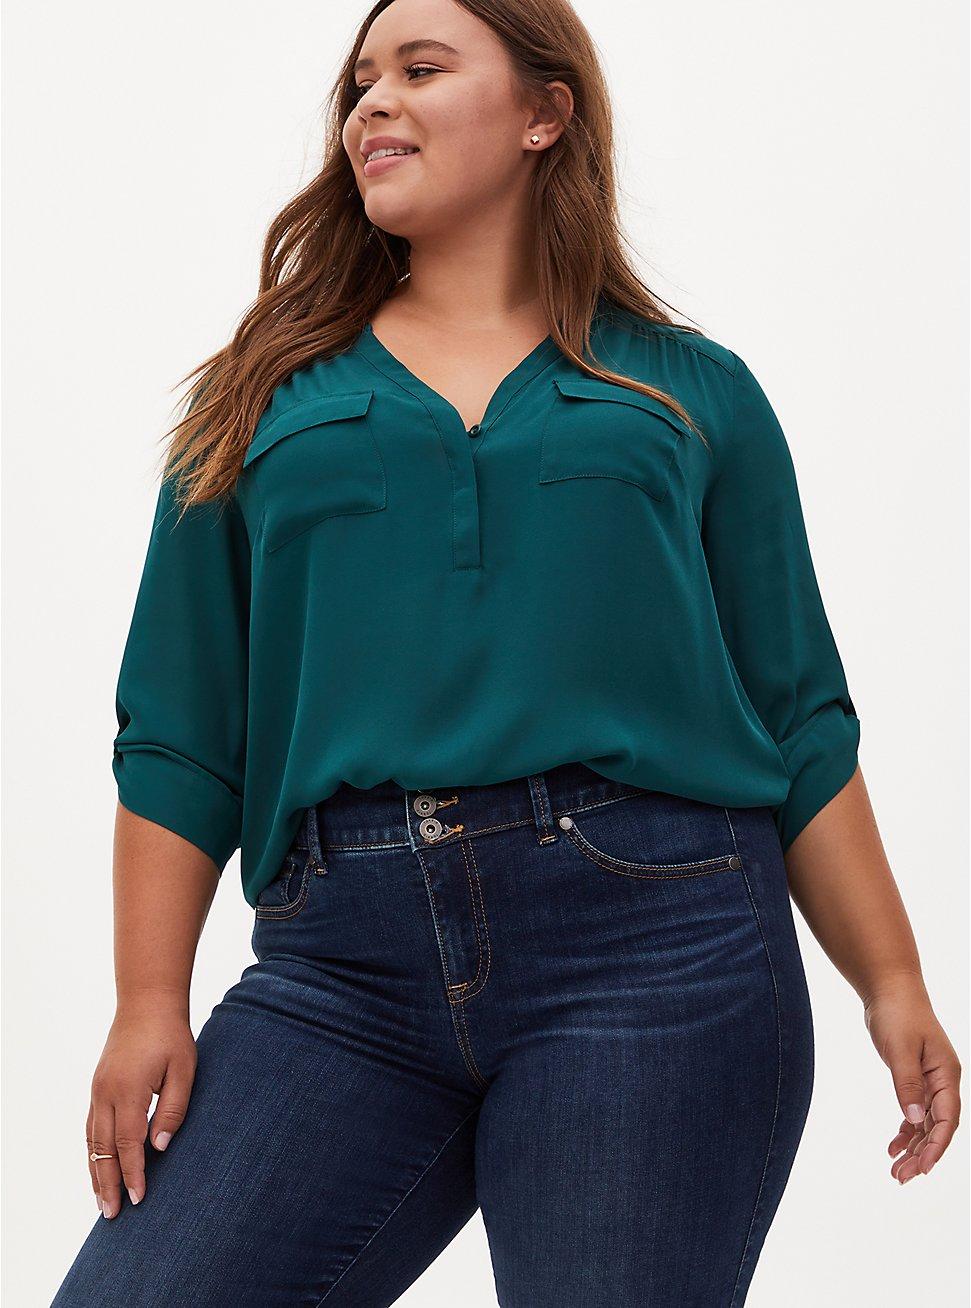 Harper - Dark Green Georgette Pullover Blouse, TEAL, hi-res